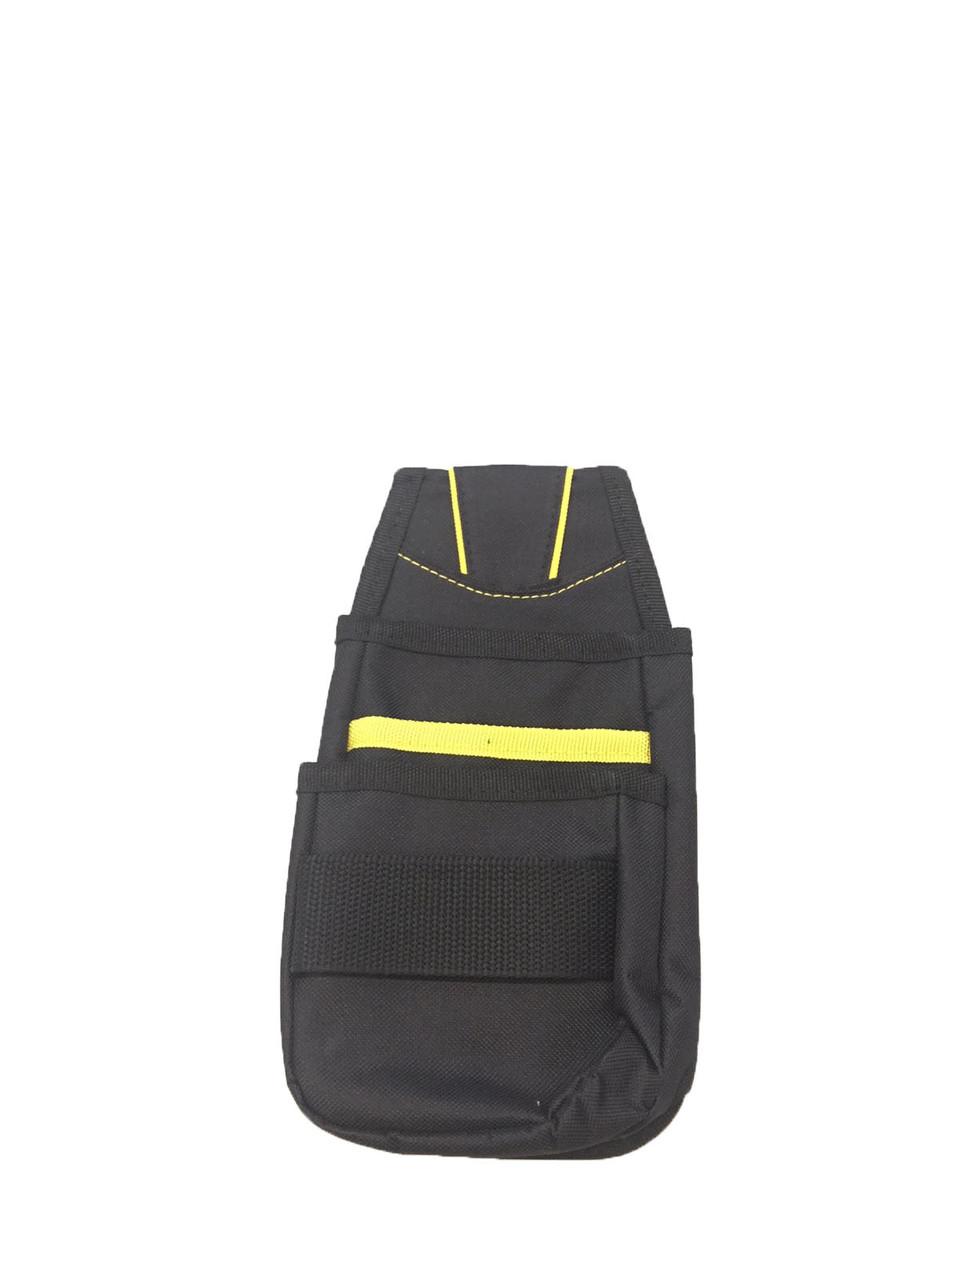 TM-189 Сумка чехол на талию - CARIGHT high quality waist pouch